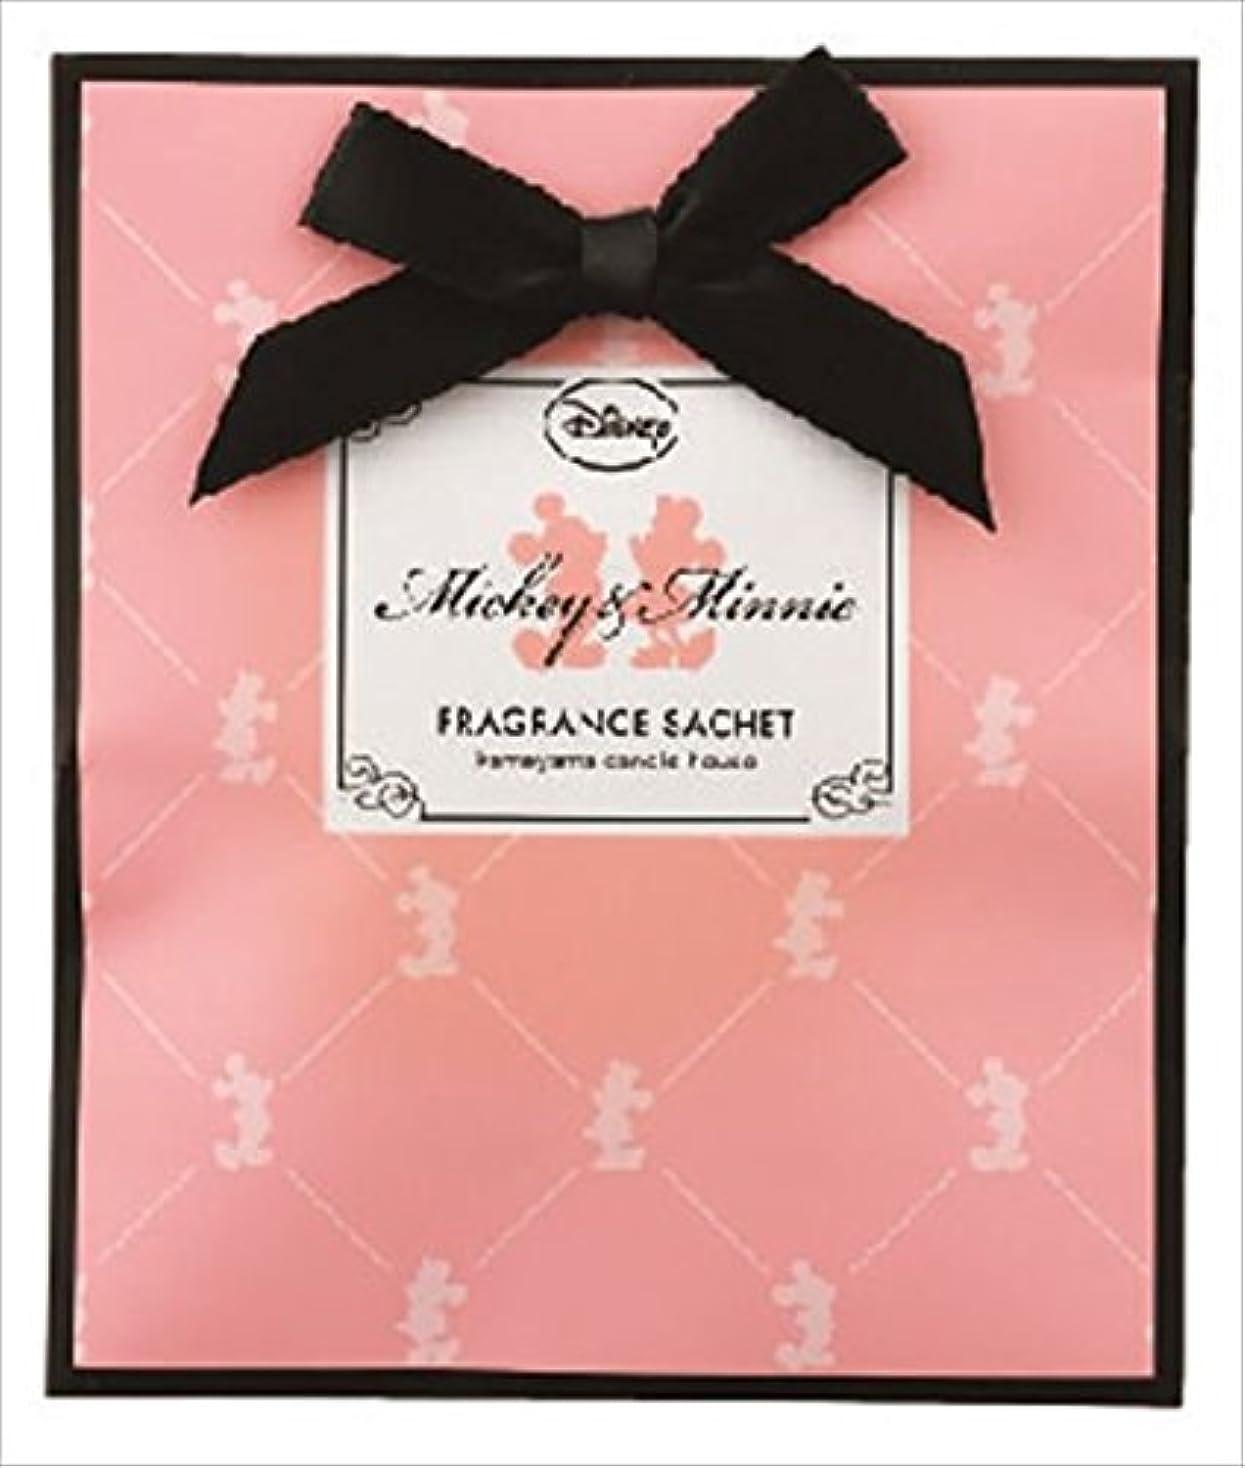 唯一ネクタイ凍結kameyama candle(カメヤマキャンドル) ディズニーフレグランスサシェ 「 ミッキー&ミニー 」 ルームフレグランス 110x130x12mm (E3210510)